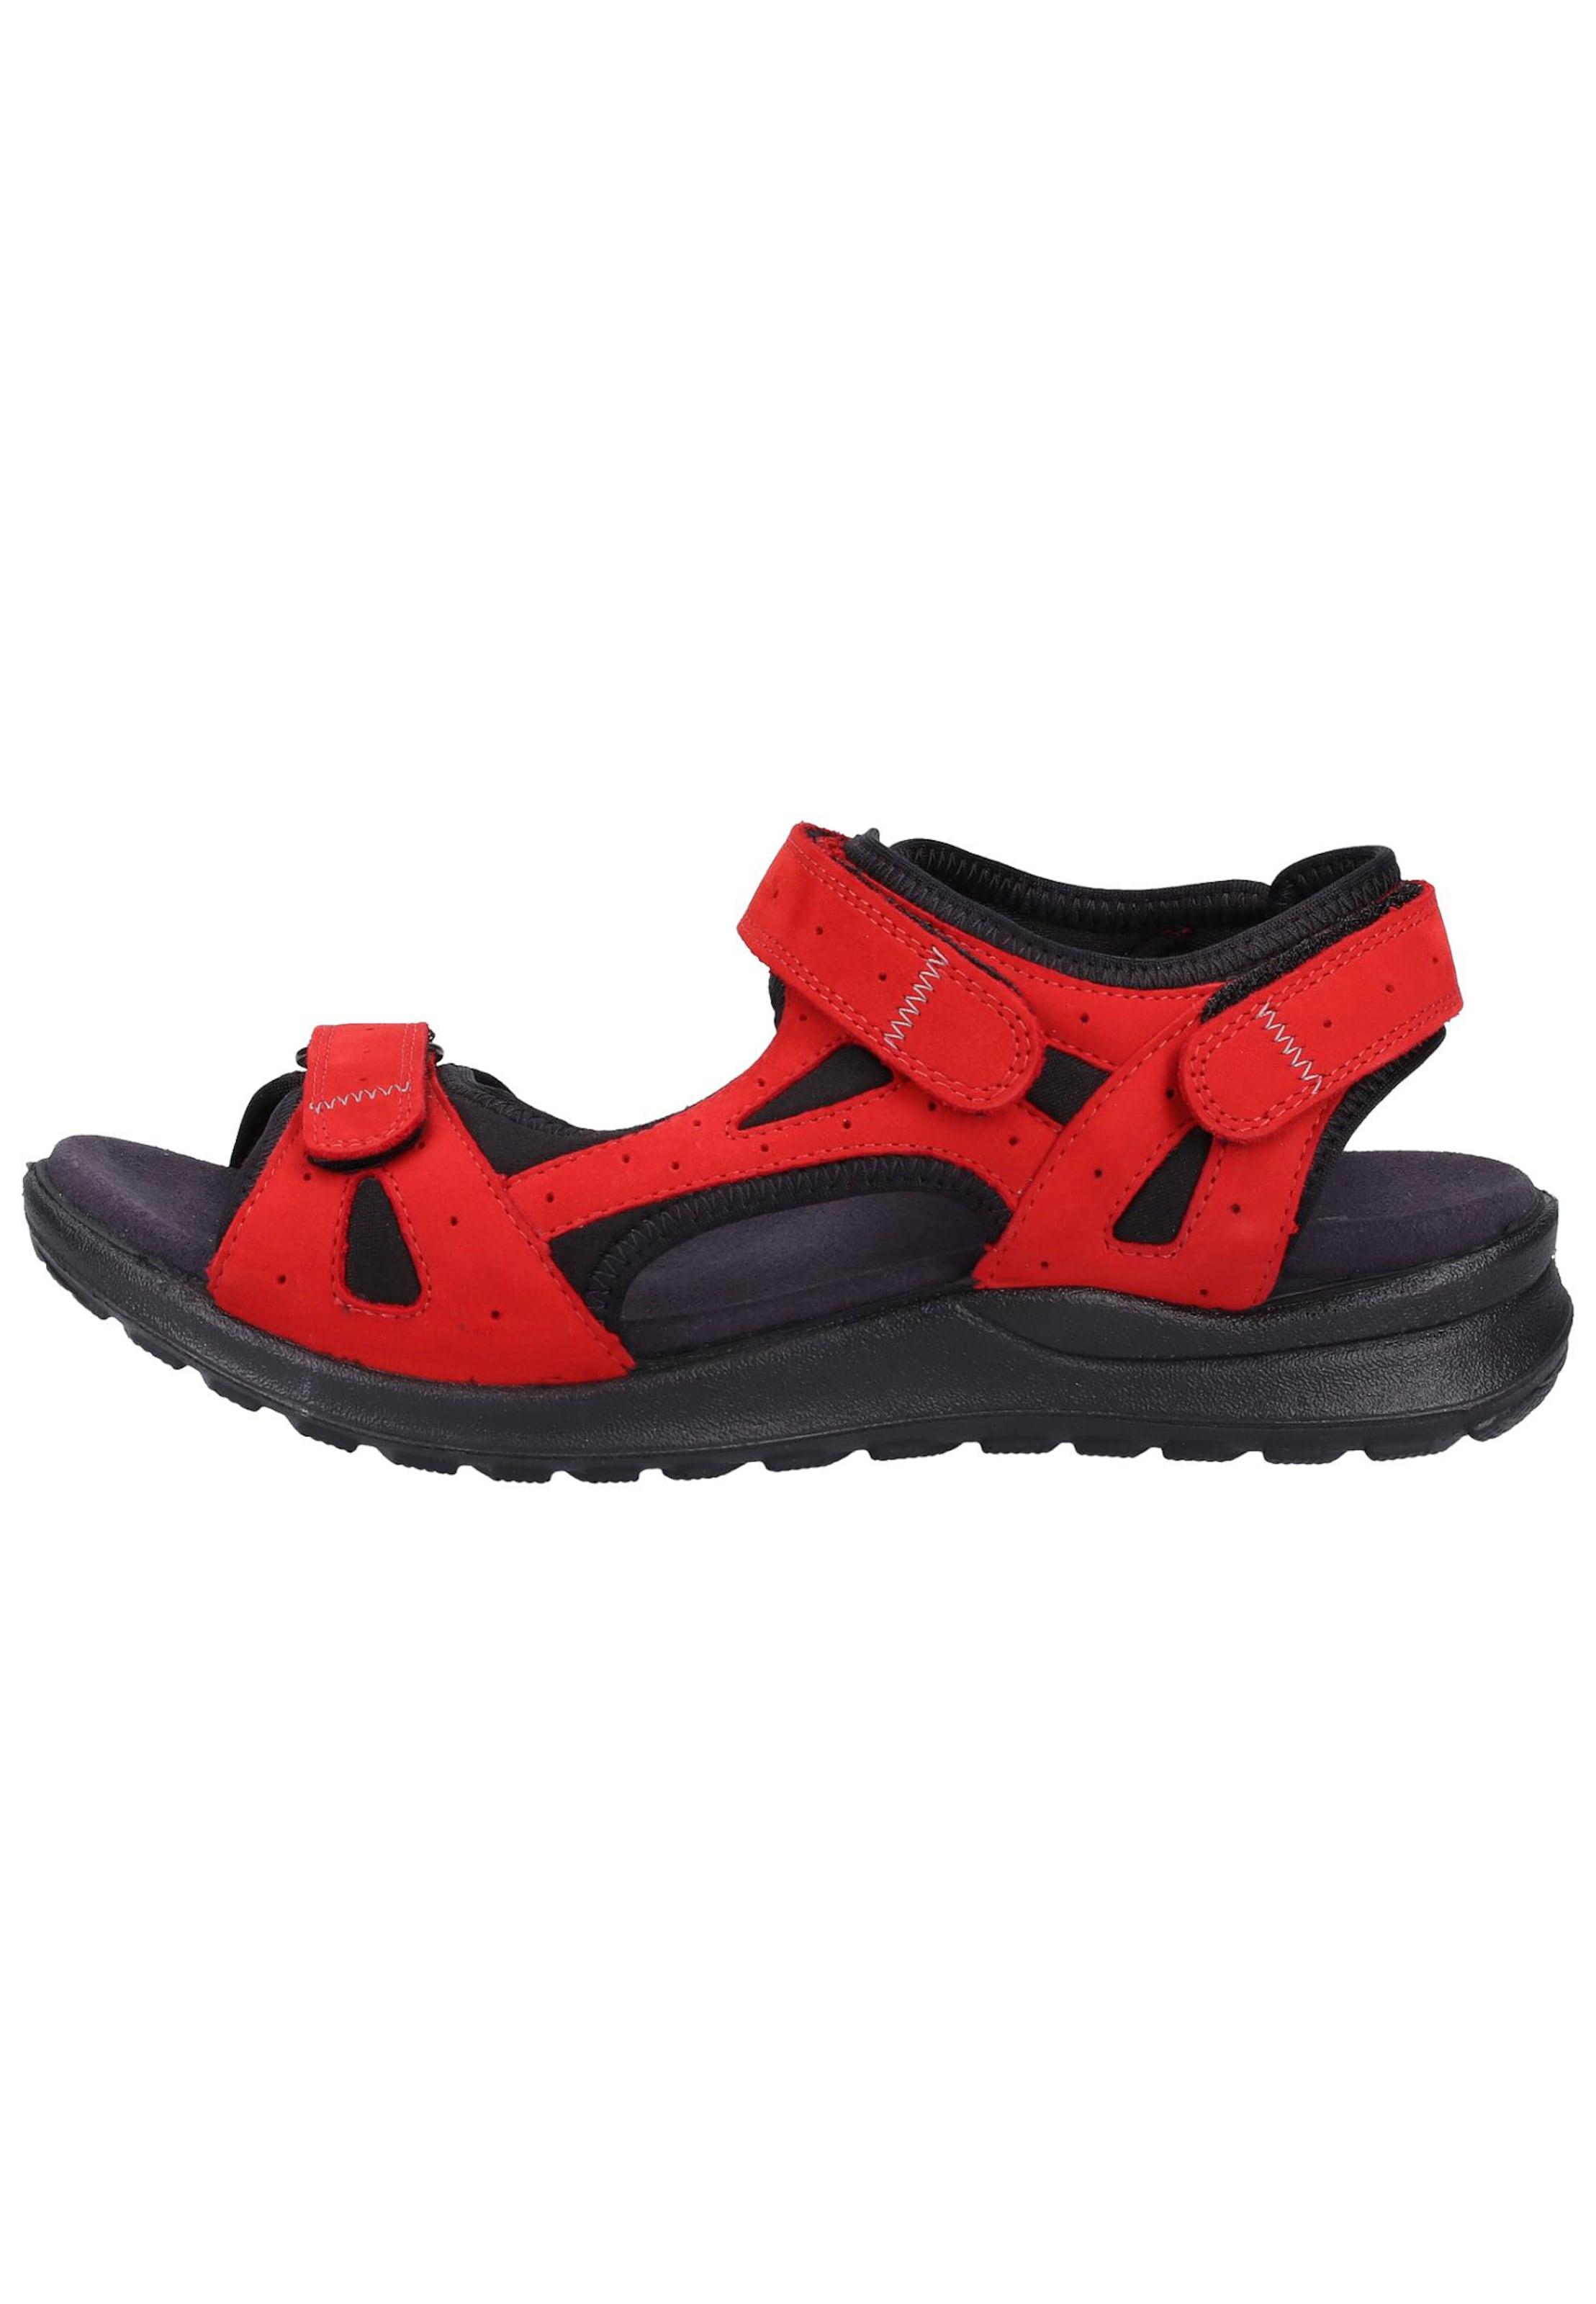 Sandales Randonnée Feu Legero Rouge En De NPnwZ8OX0k